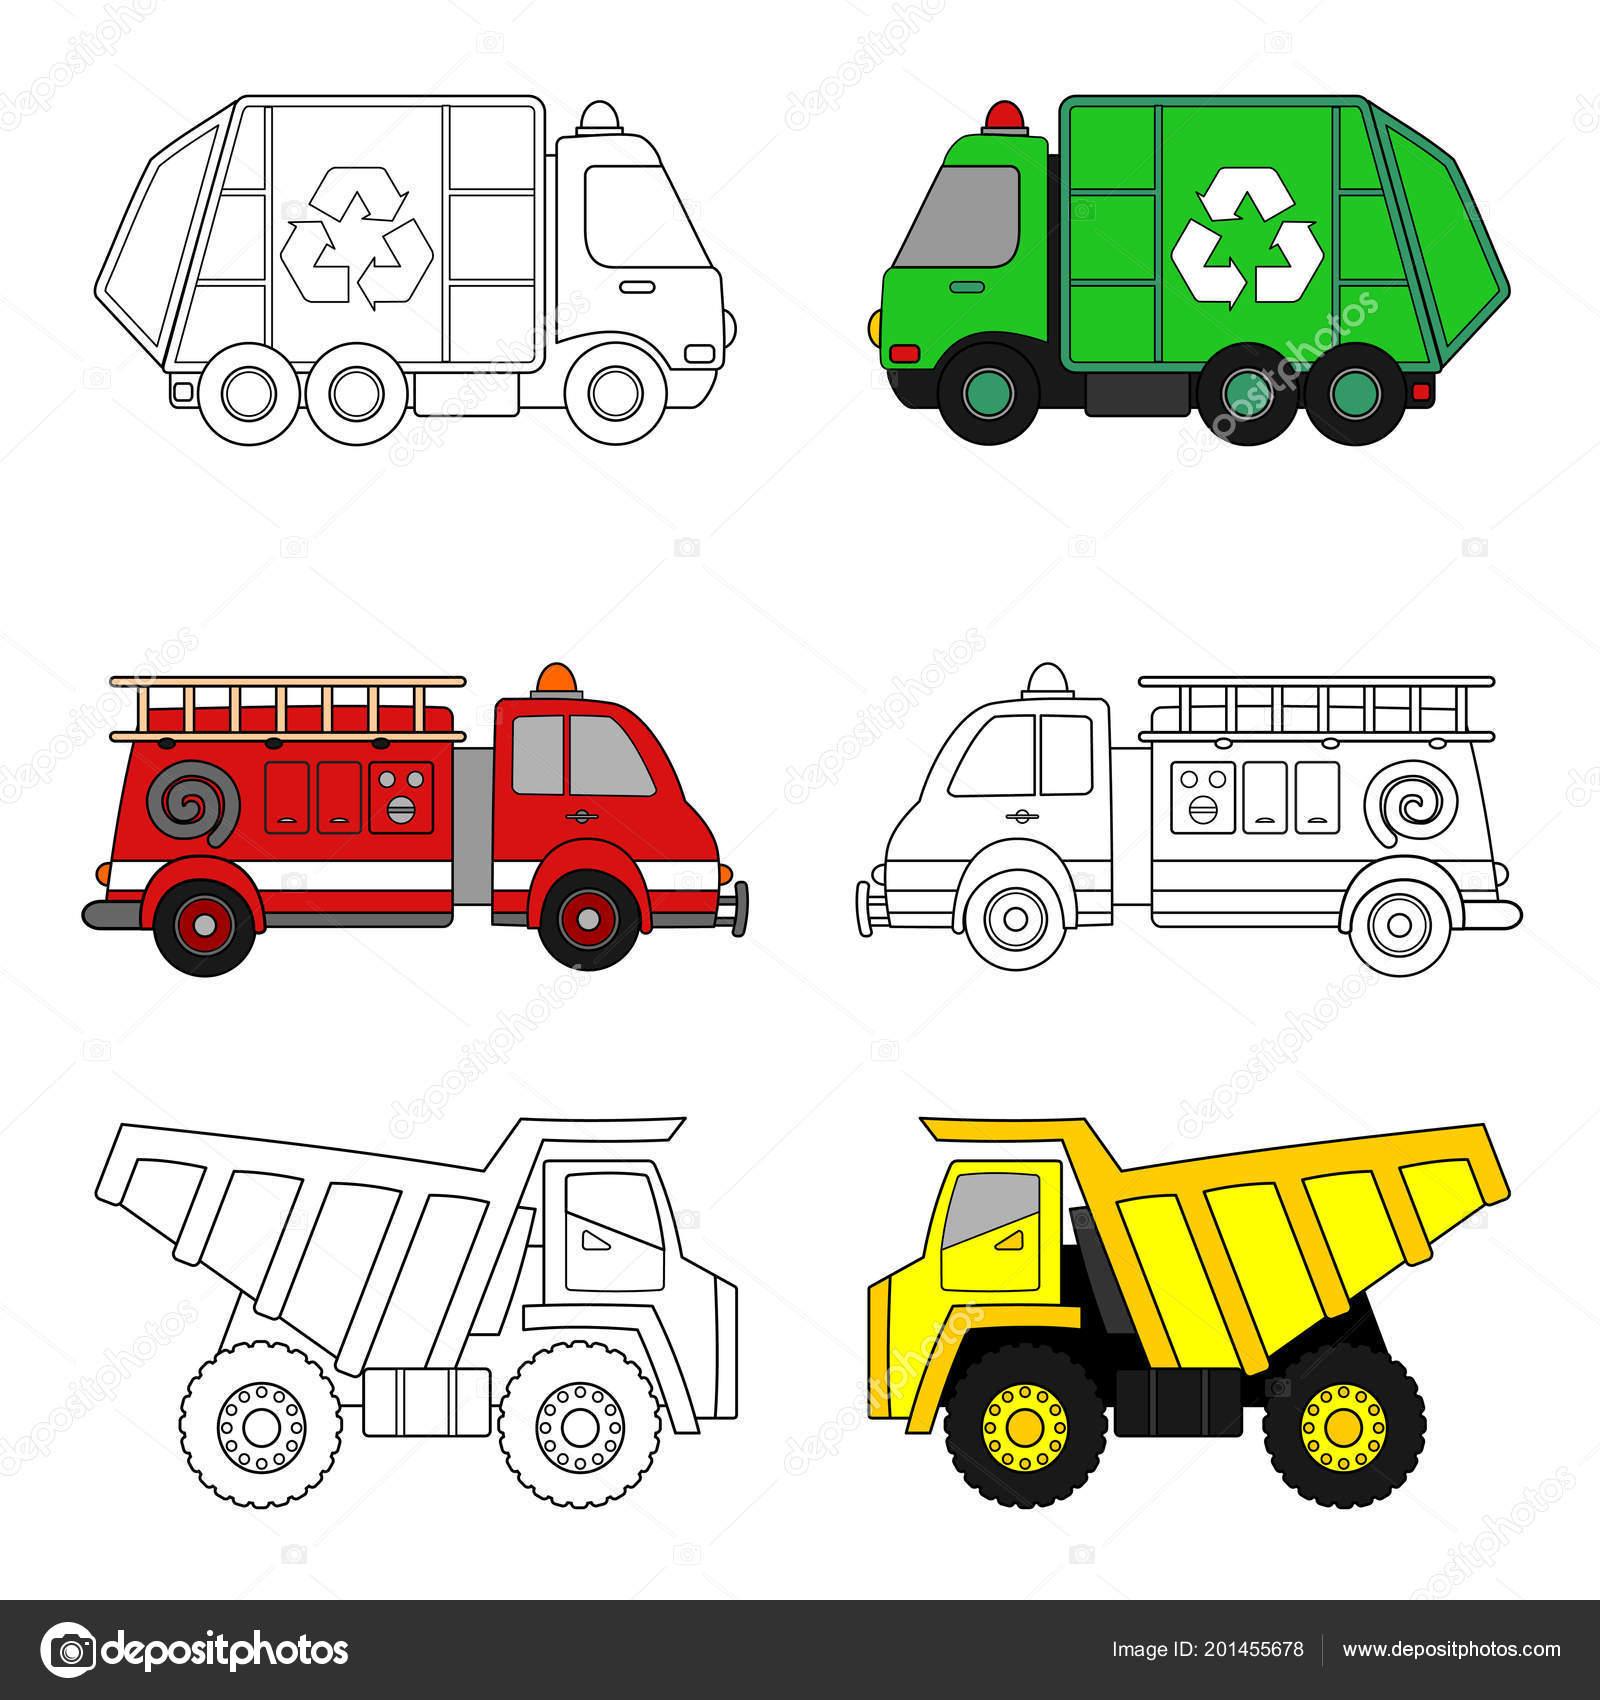 çocuklar Için Boyama Sayfası çöp Kamyonu Itfaiye Aracı Damperli